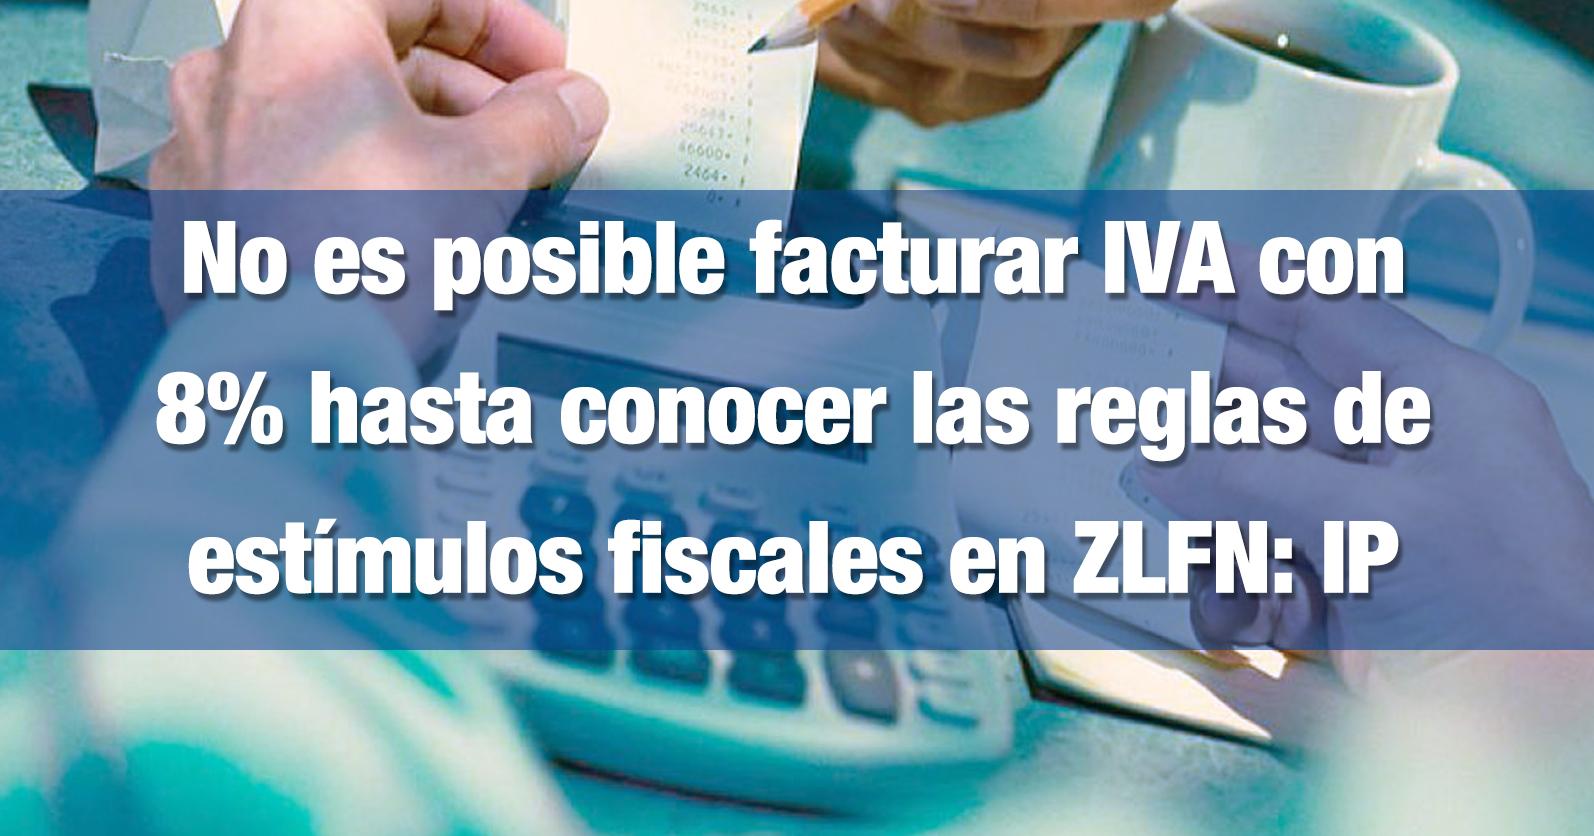 No es posible facturar IVA con 8% hasta conocer las reglas de estímulos fiscales en ZLFN: IP